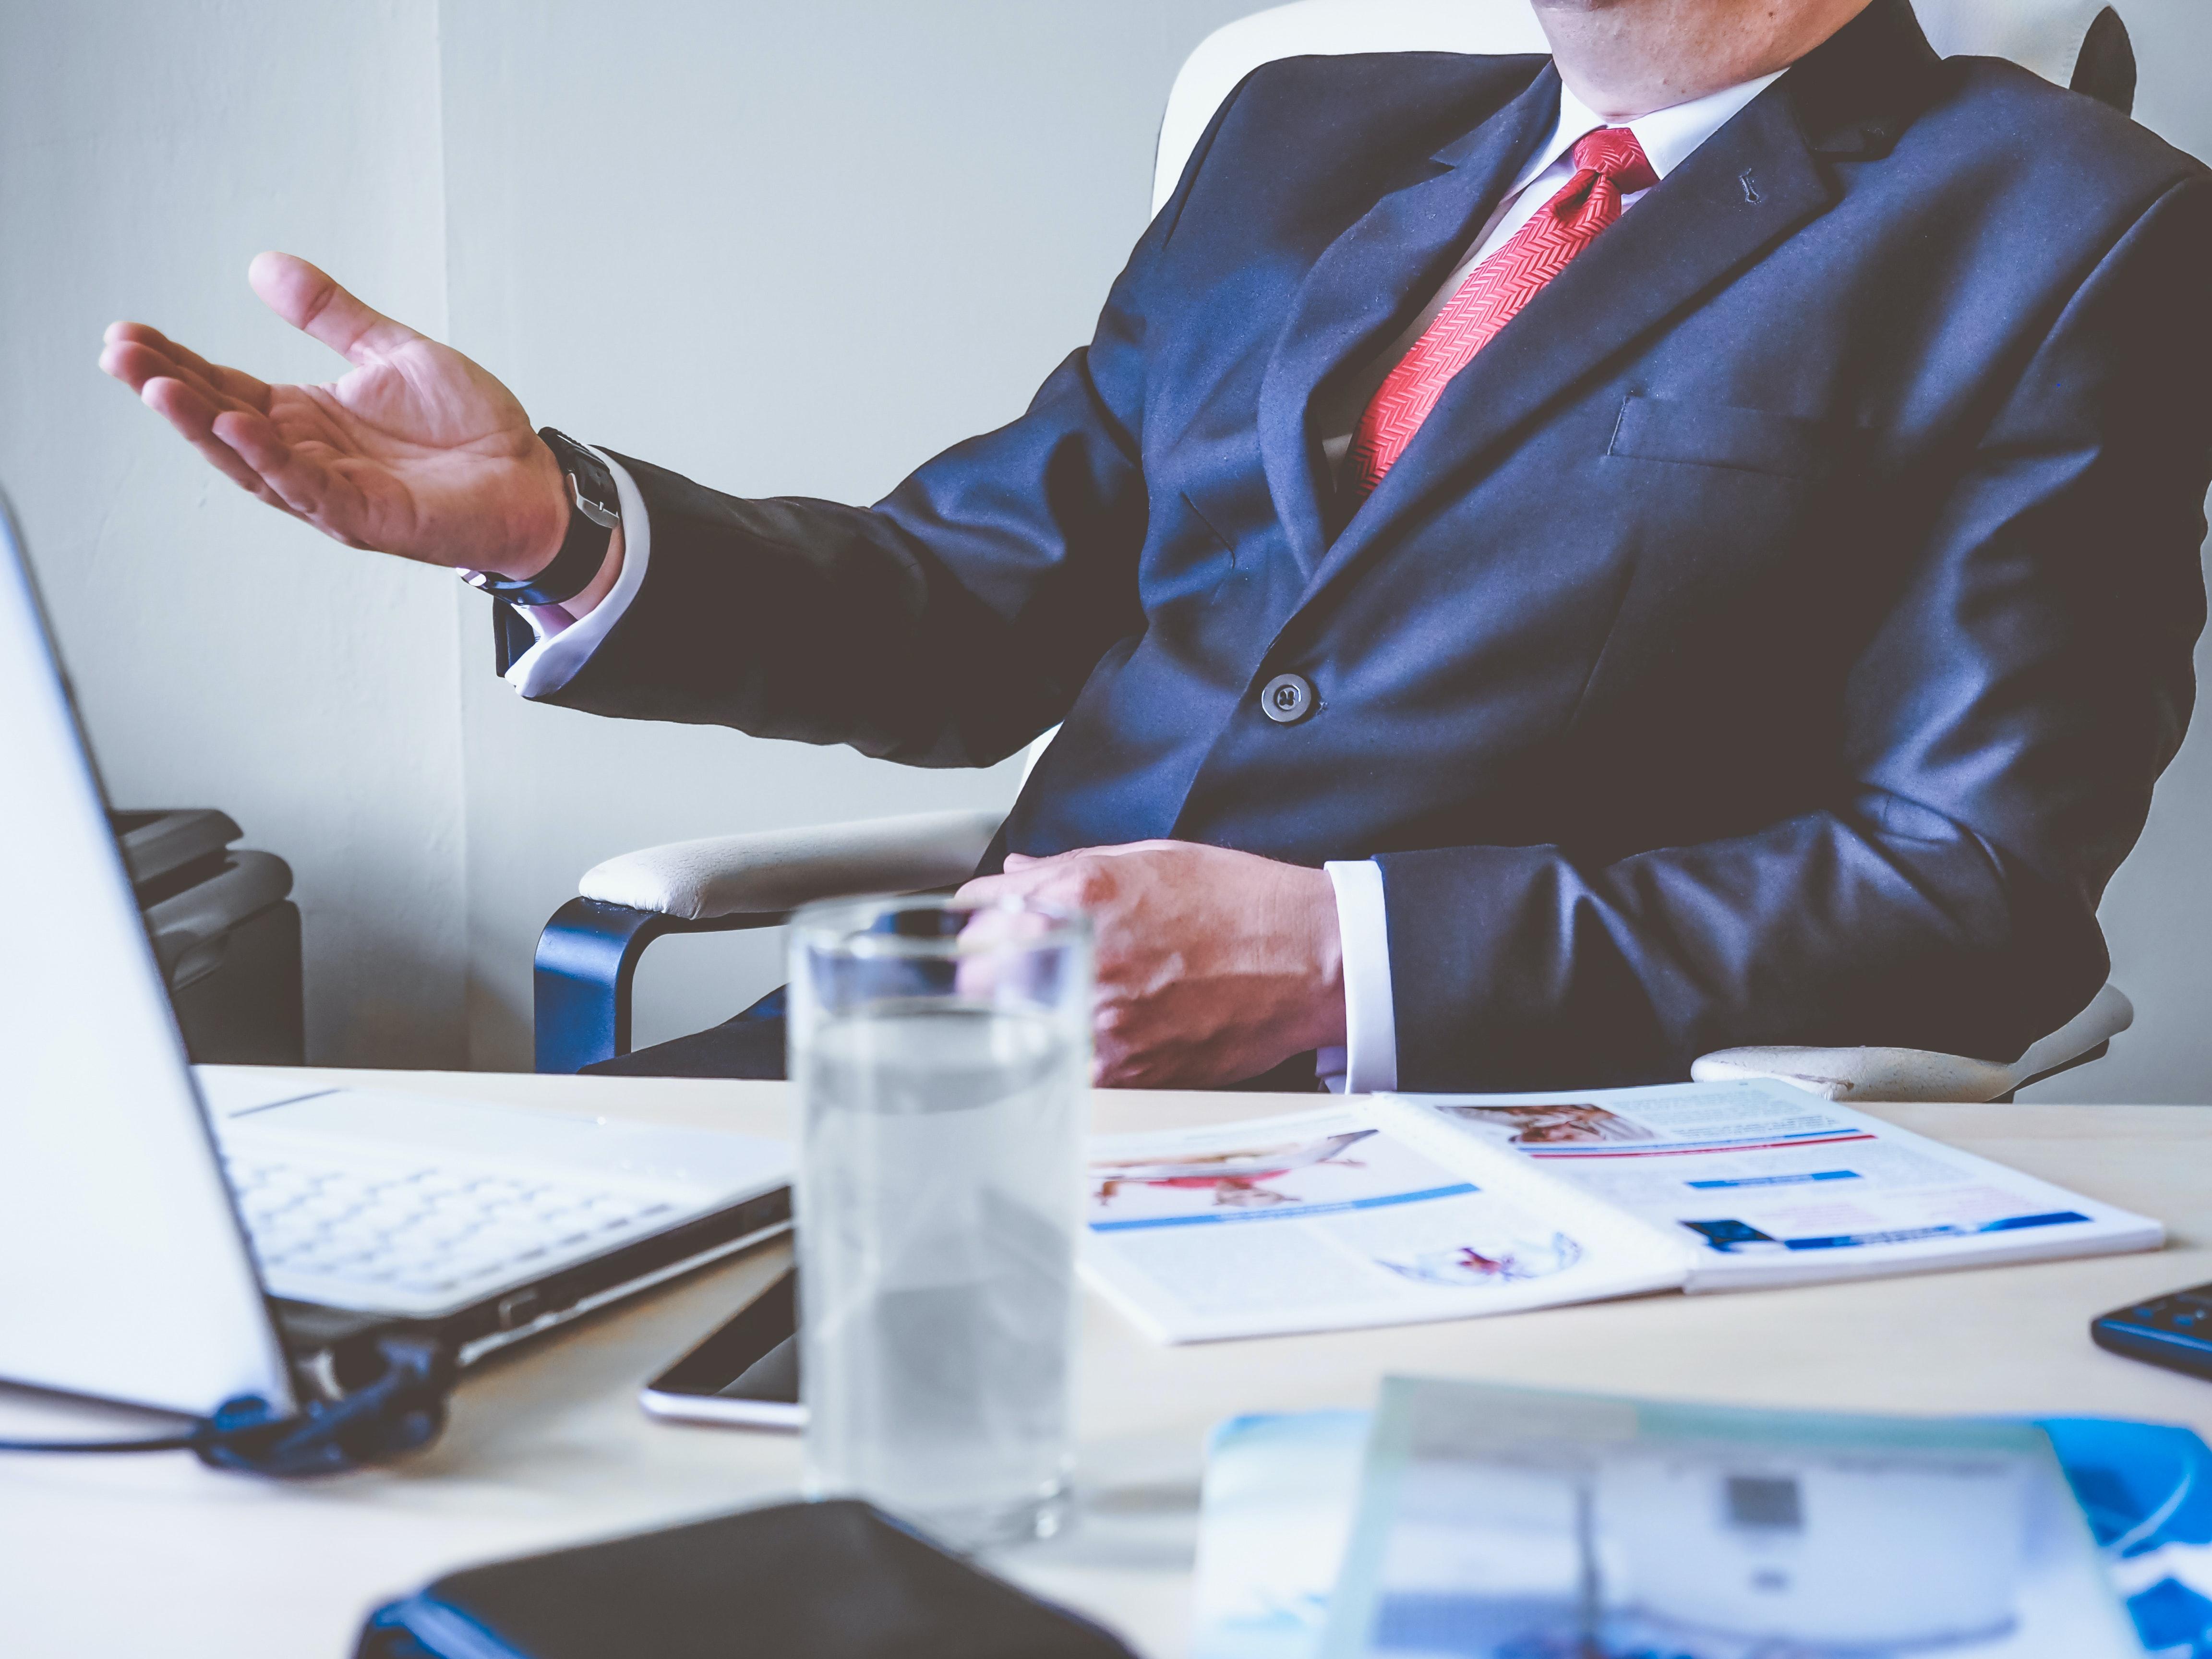 especializaciones-en-administracion-y-negocios-1